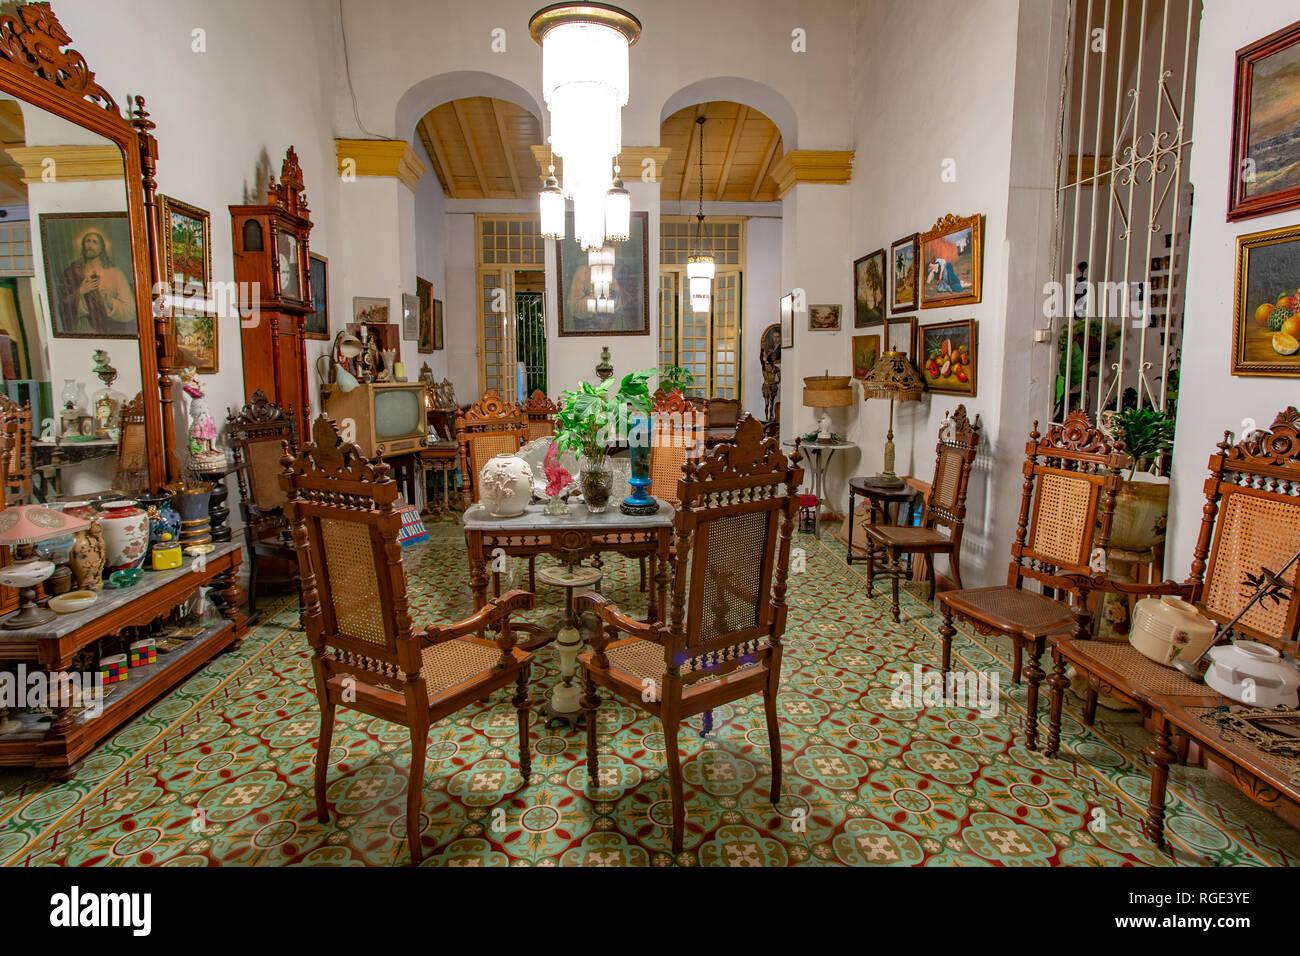 Stanza Di Una Casa Coloniale Con Antichi Mobili In Legno E Decorate